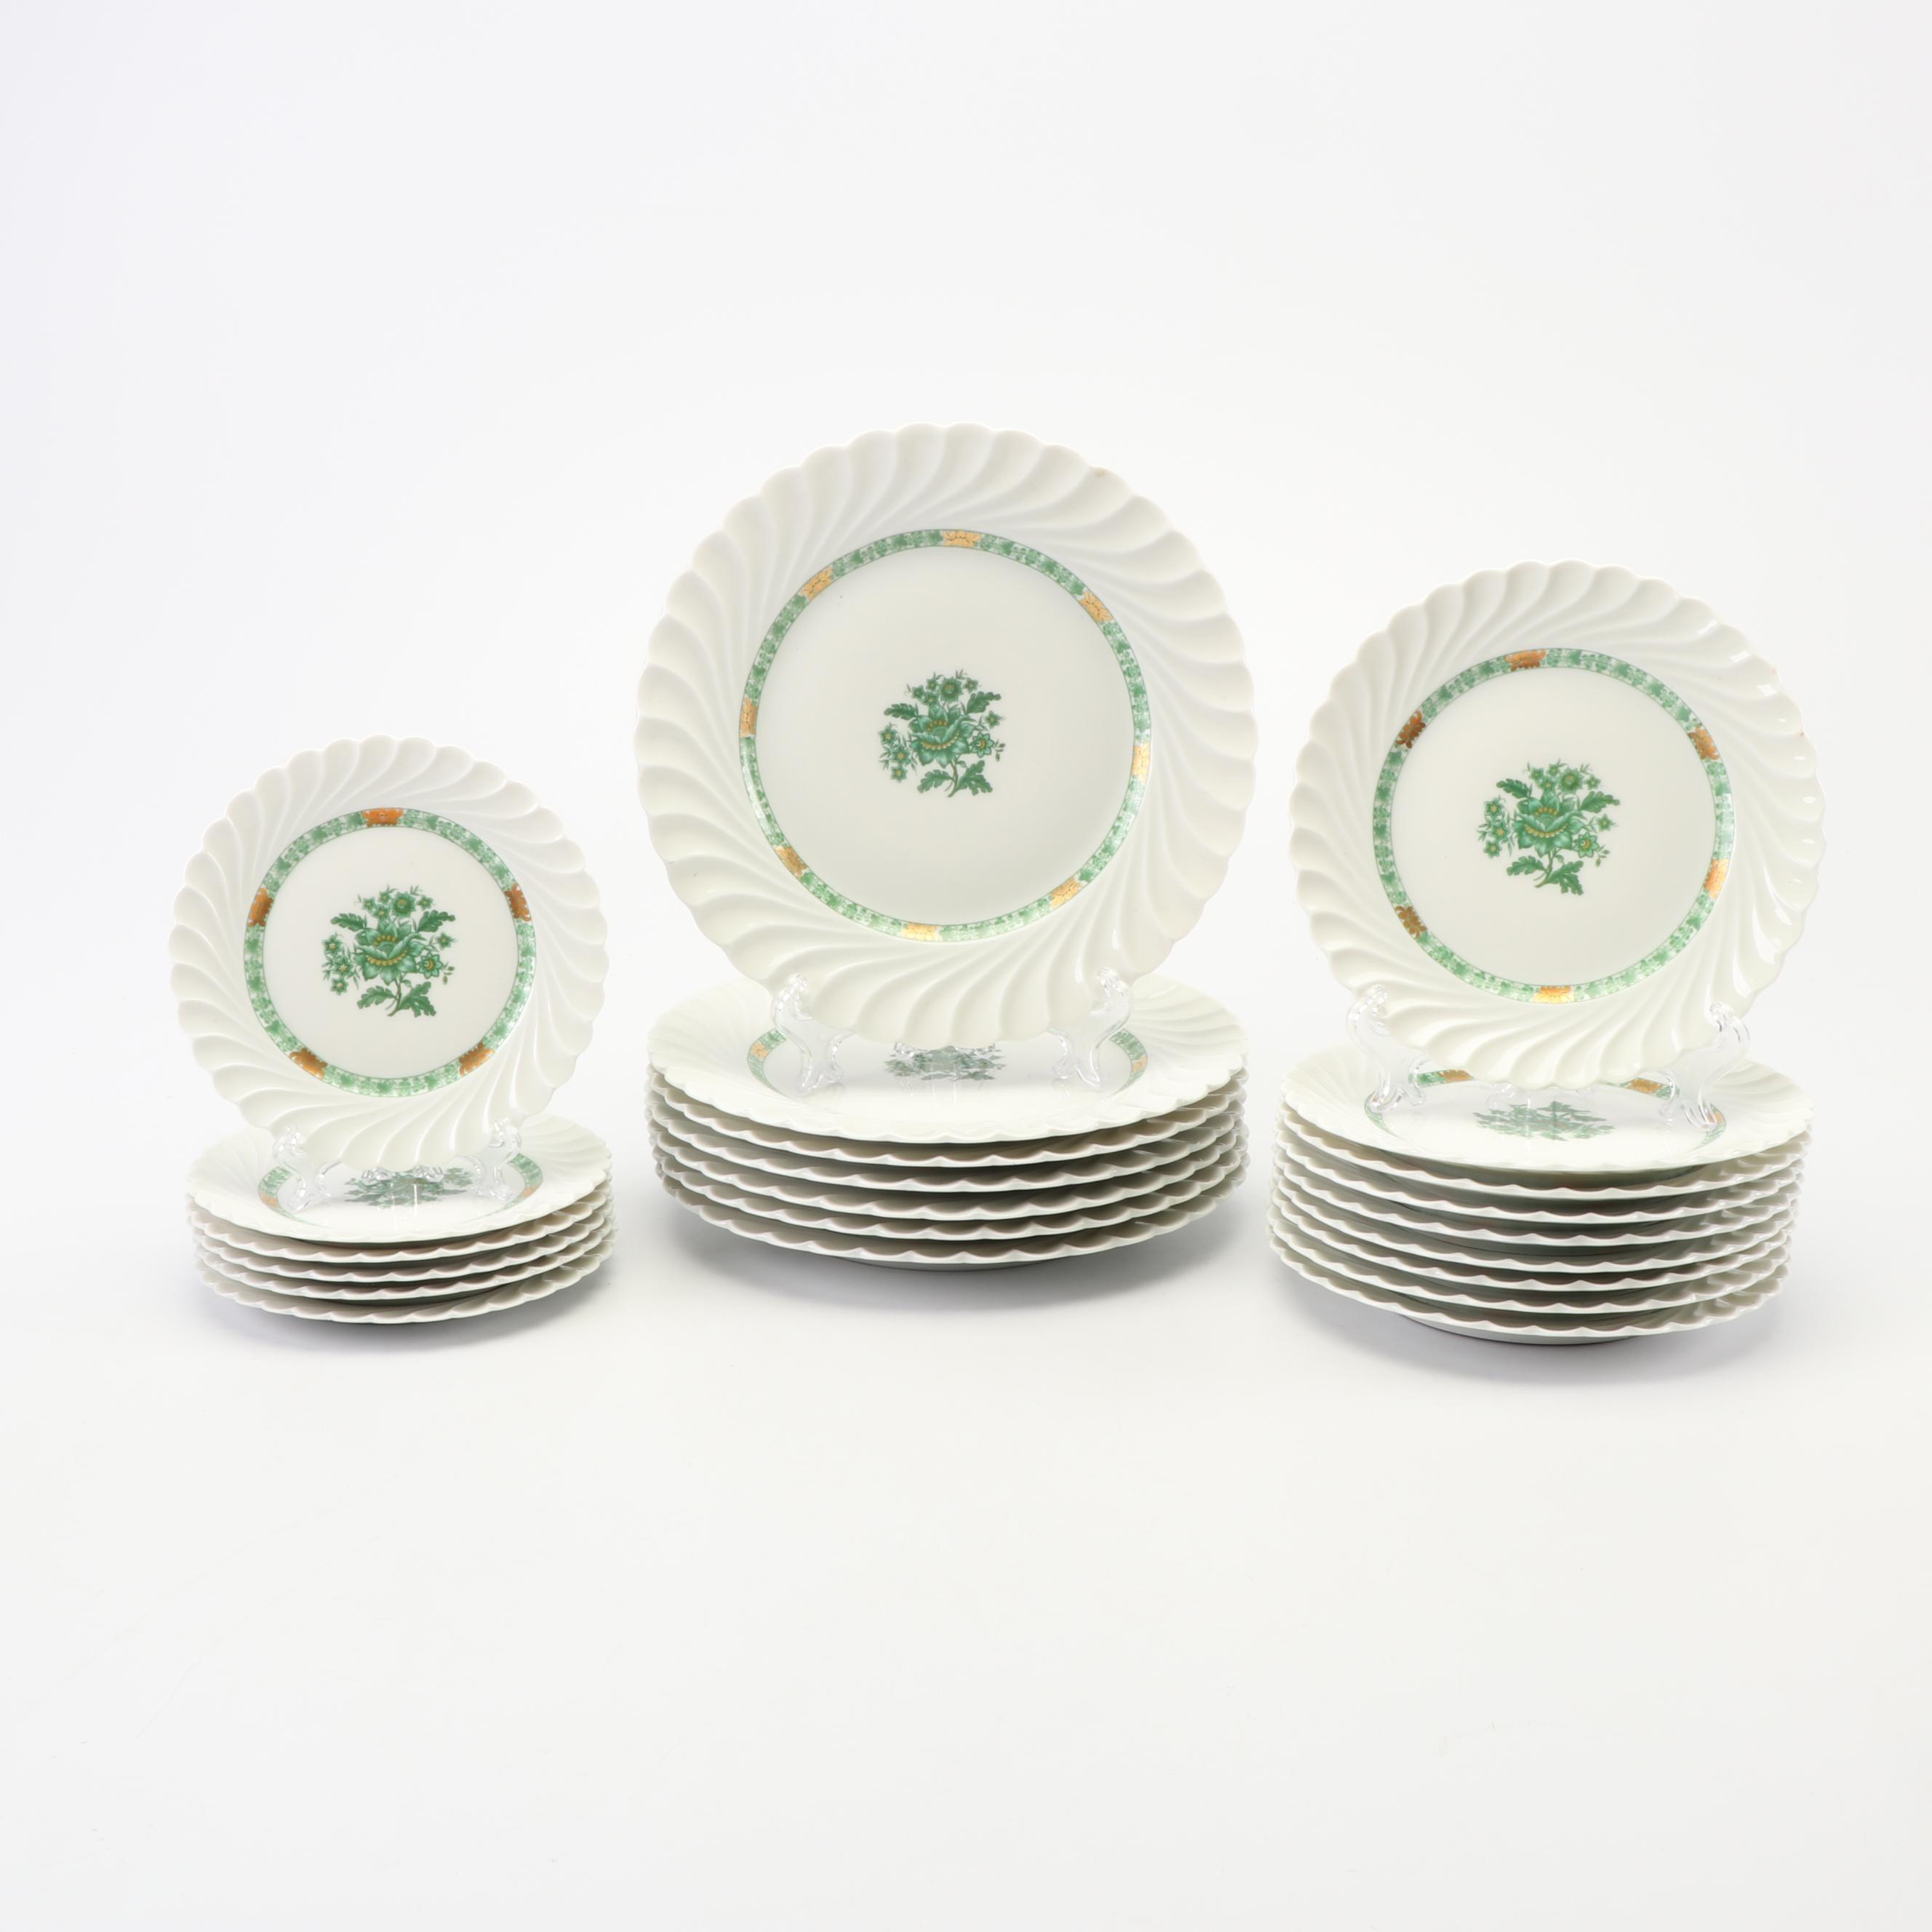 Vintage Haviland Green Floral Porcelain Plates